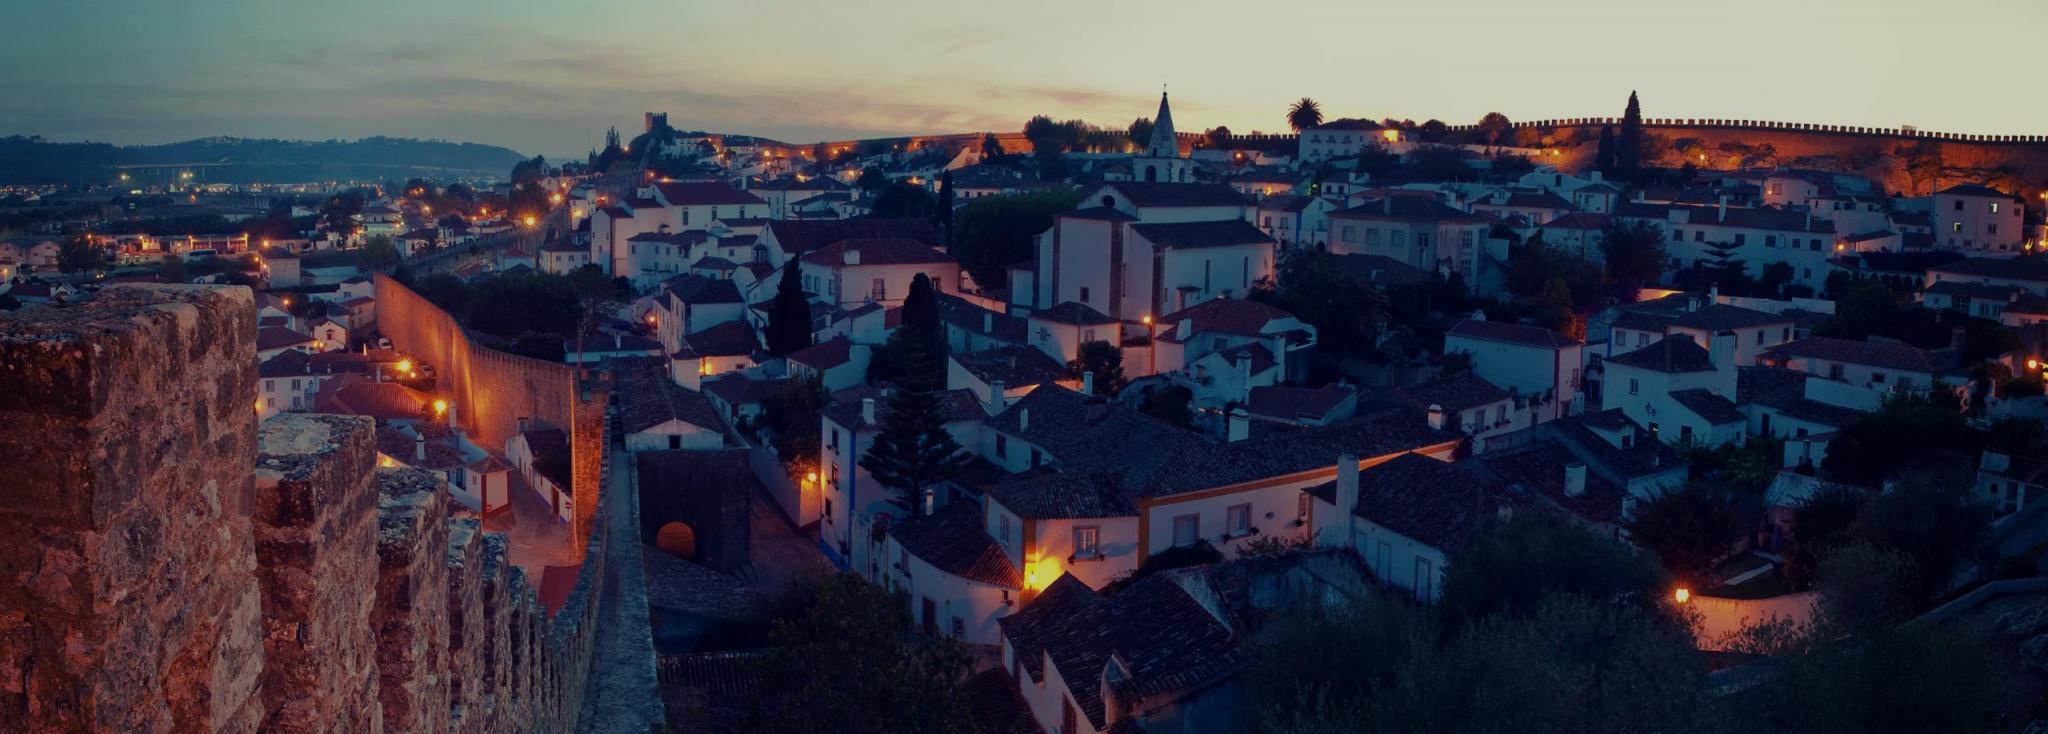 Portekiz Aile - Arkadaş Ziyaret Vizesi